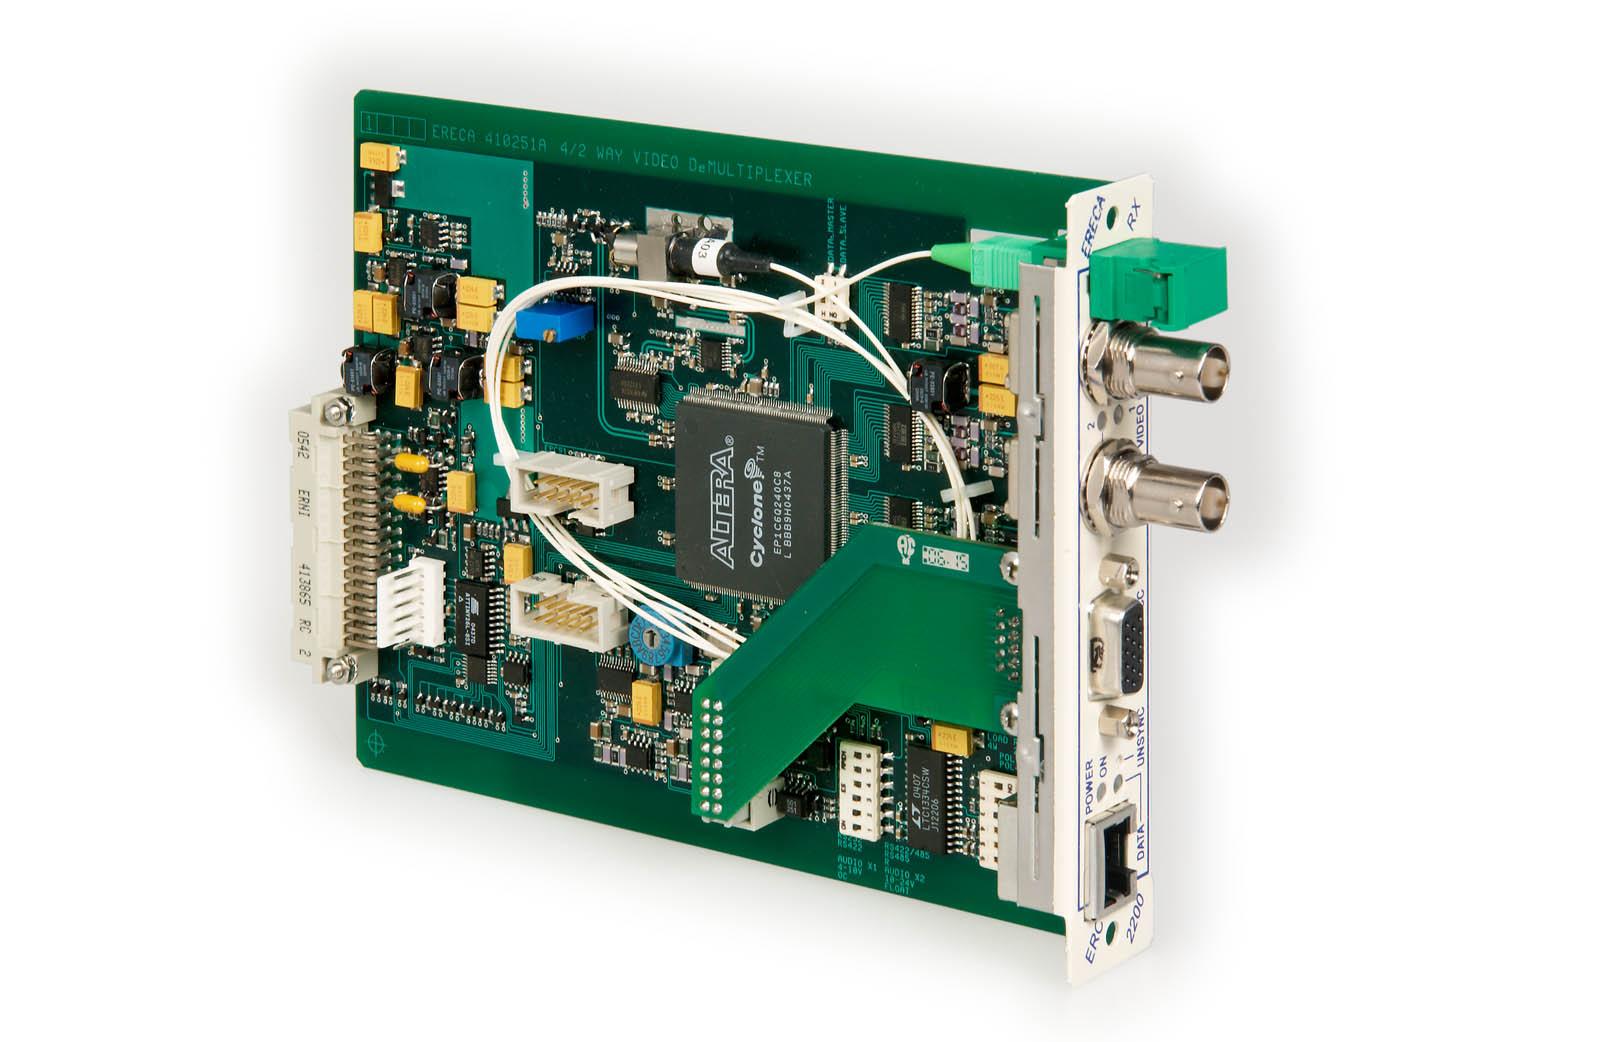 équipement pour transmission optique de signal vidéo / audio / données - erc 2200